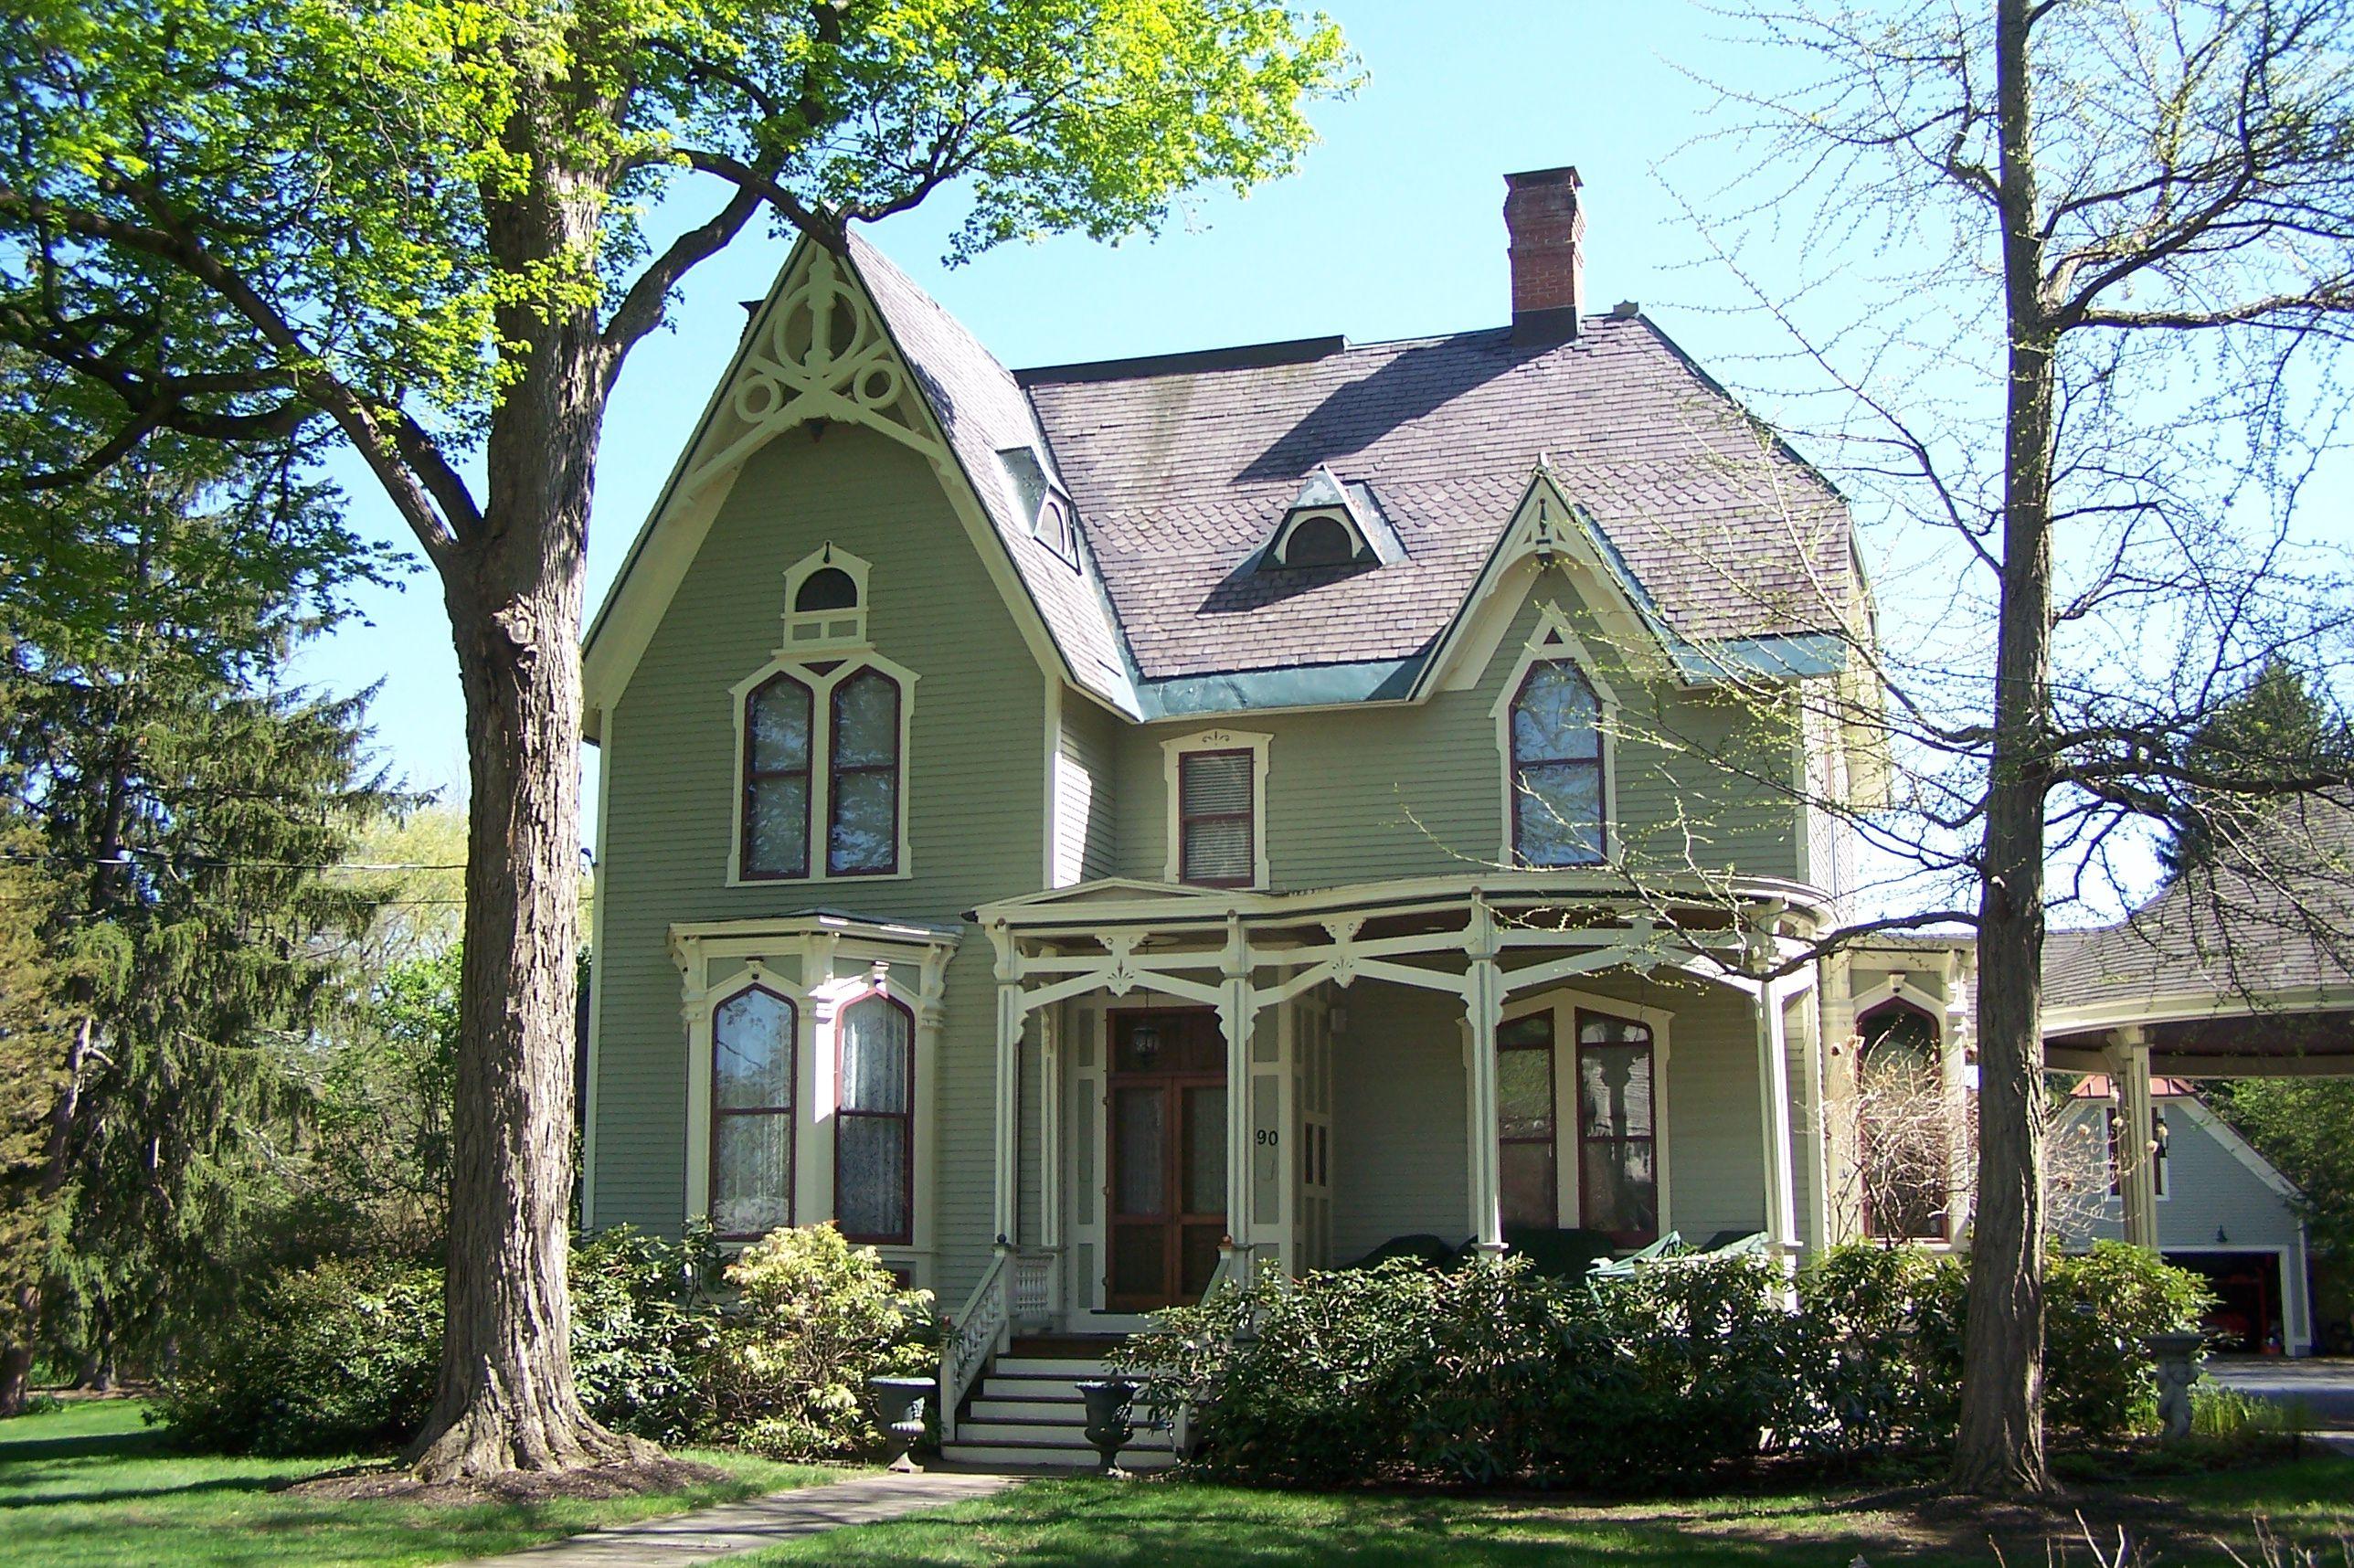 Casa victoriana de dos pisos con techos empinados con frontones y adornos de bargeboard